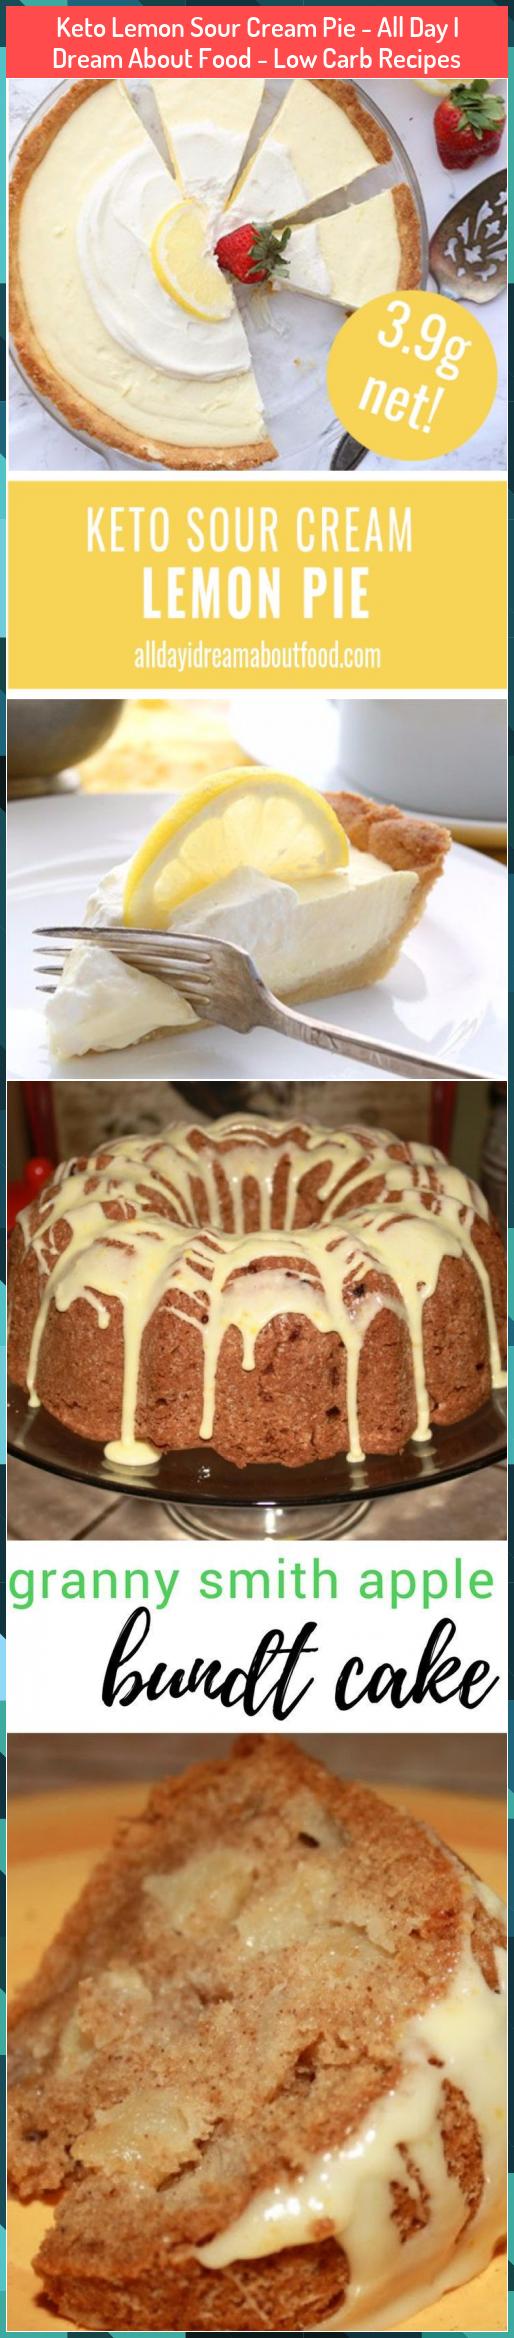 Keto Lemon Sour Cream Pie All Day I Dream About Food Low Carb Recipes Carb Cream Day Dream Food Keto In 2020 Lemon Sour Cream Pie Dessert Recipes Cream Pie